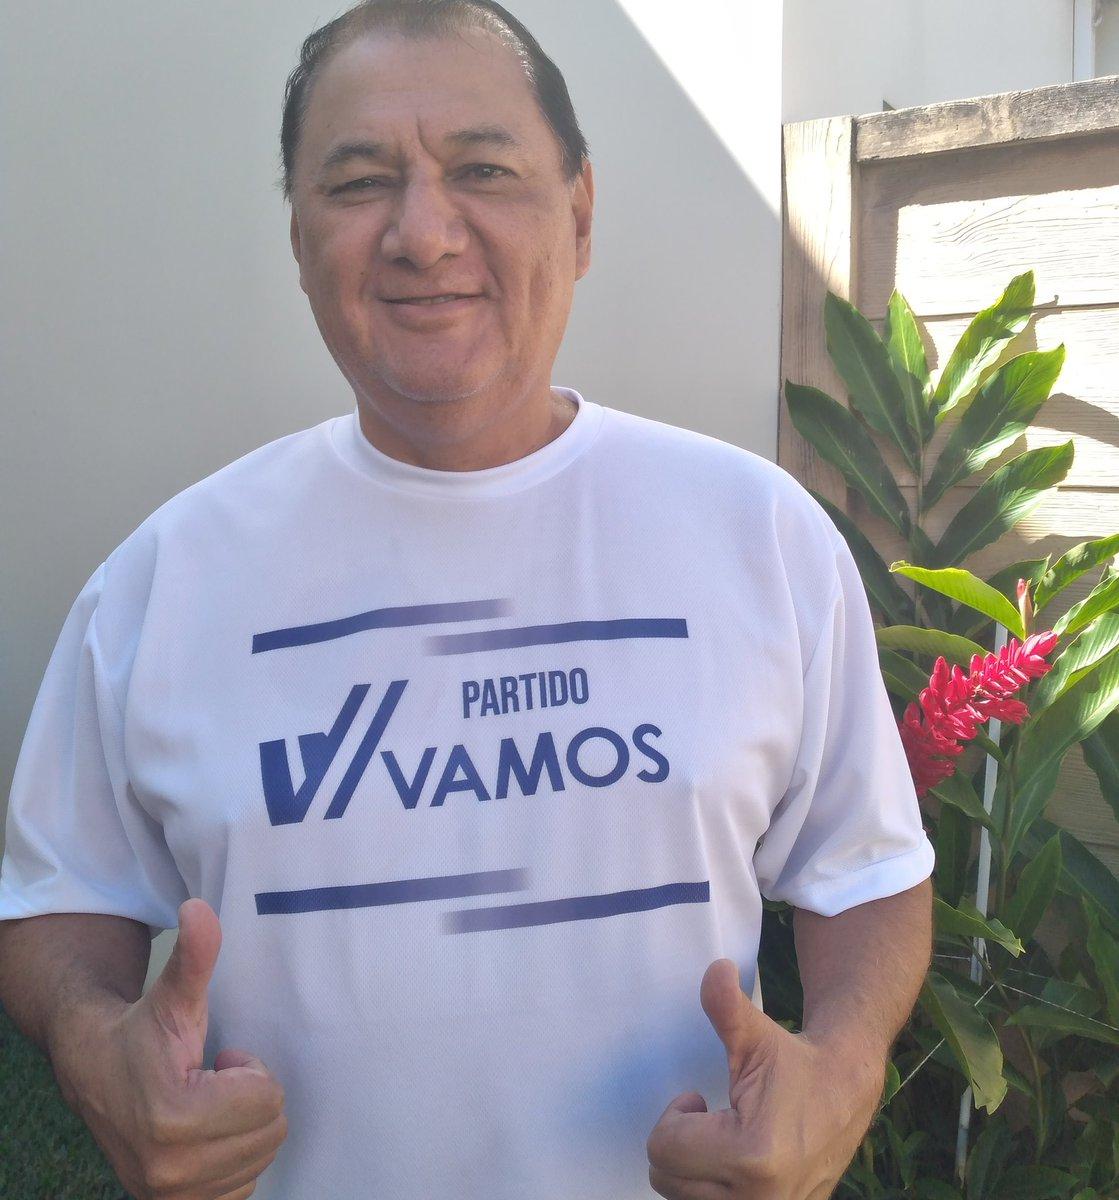 """Recuerda pueblo que """"todo en exceso hace daño""""  Mucho poder a N en Asamblea Legislativa, será muy dañino, muy malo.   #CarlosMenaGuerra #Casilla8️⃣   #VAMOS"""